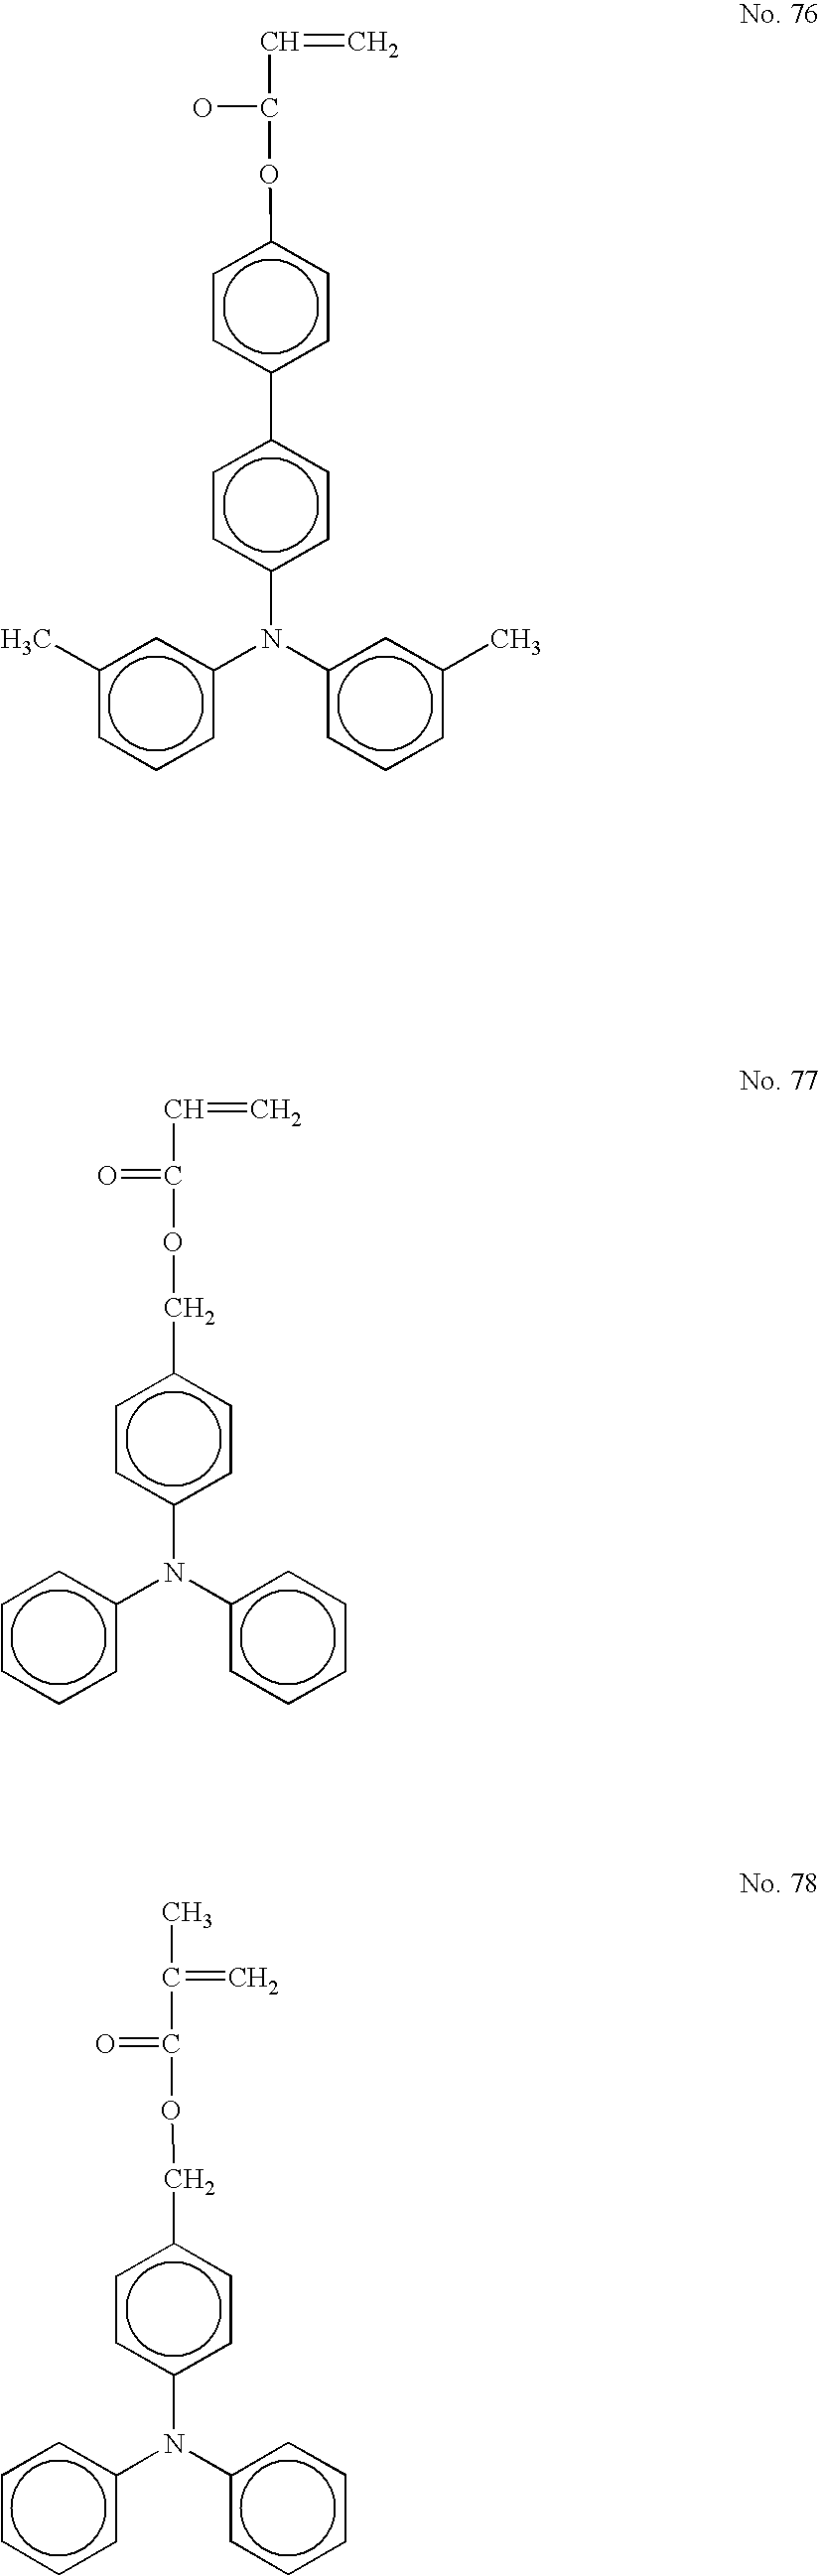 Figure US20040253527A1-20041216-C00037